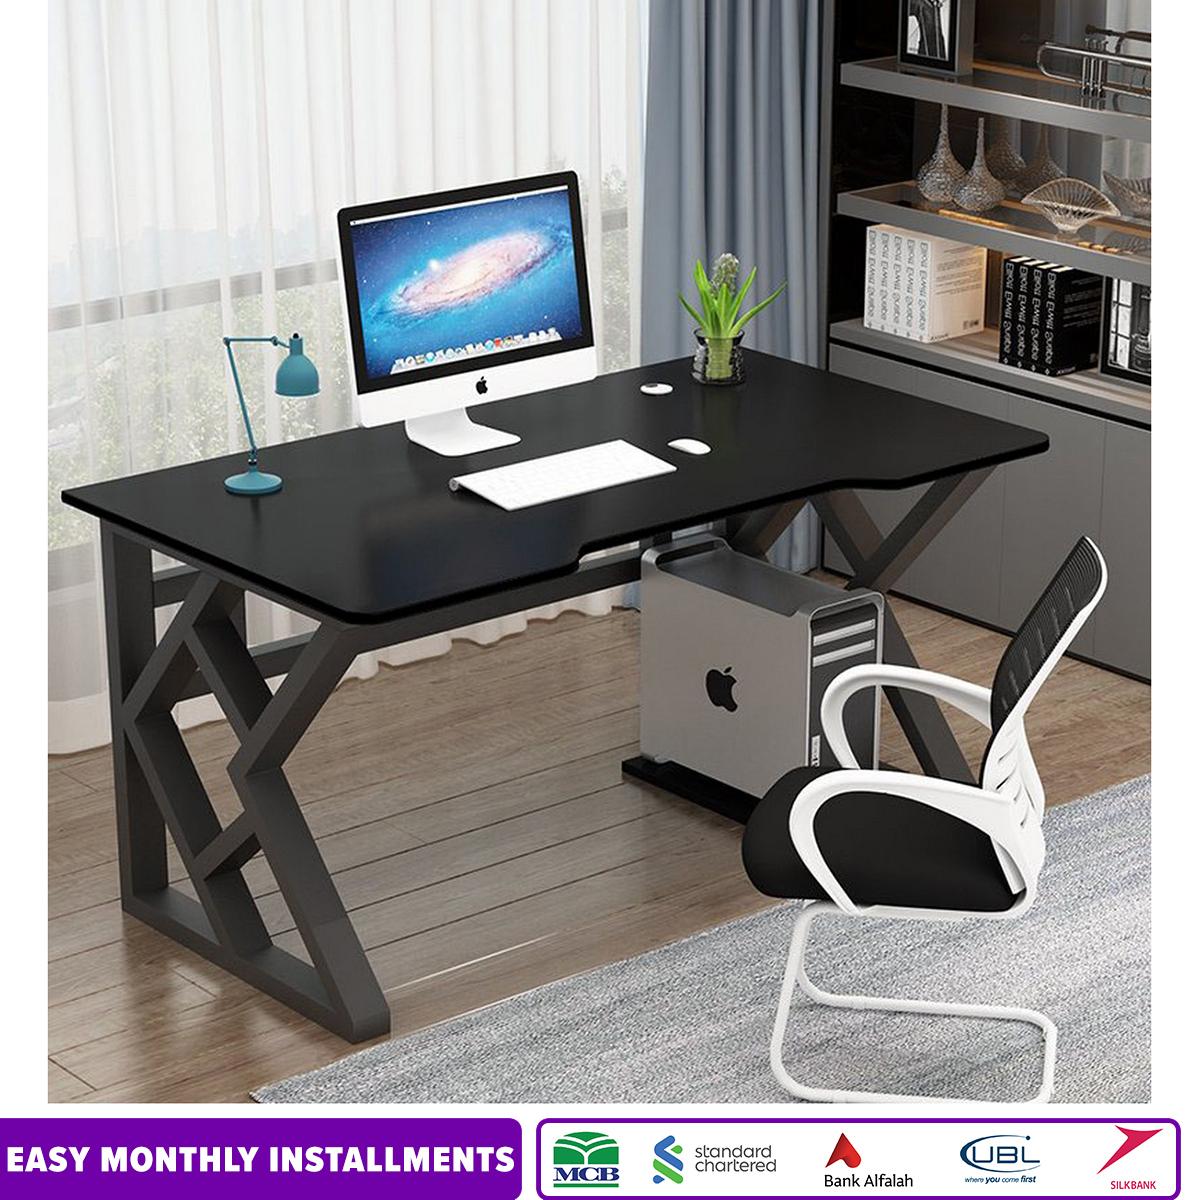 Computer desk desktop home simple modern minimalist gaming table writing desk student study desk bedroom desk